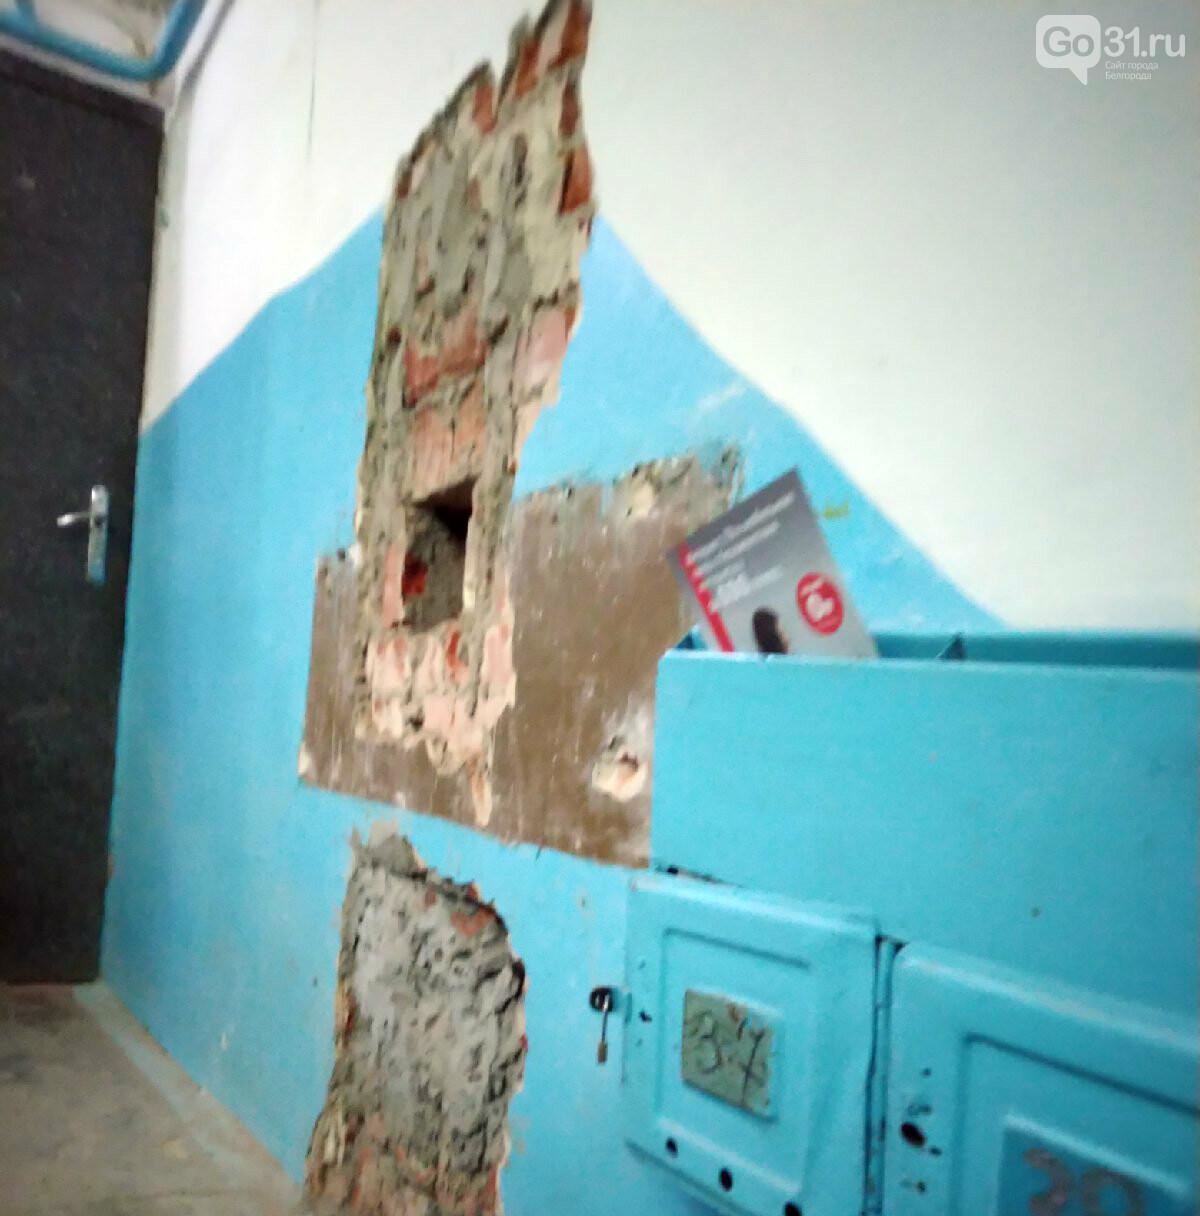 Последствия капремонта на улице Белгородского полка, 24 в Белгороде